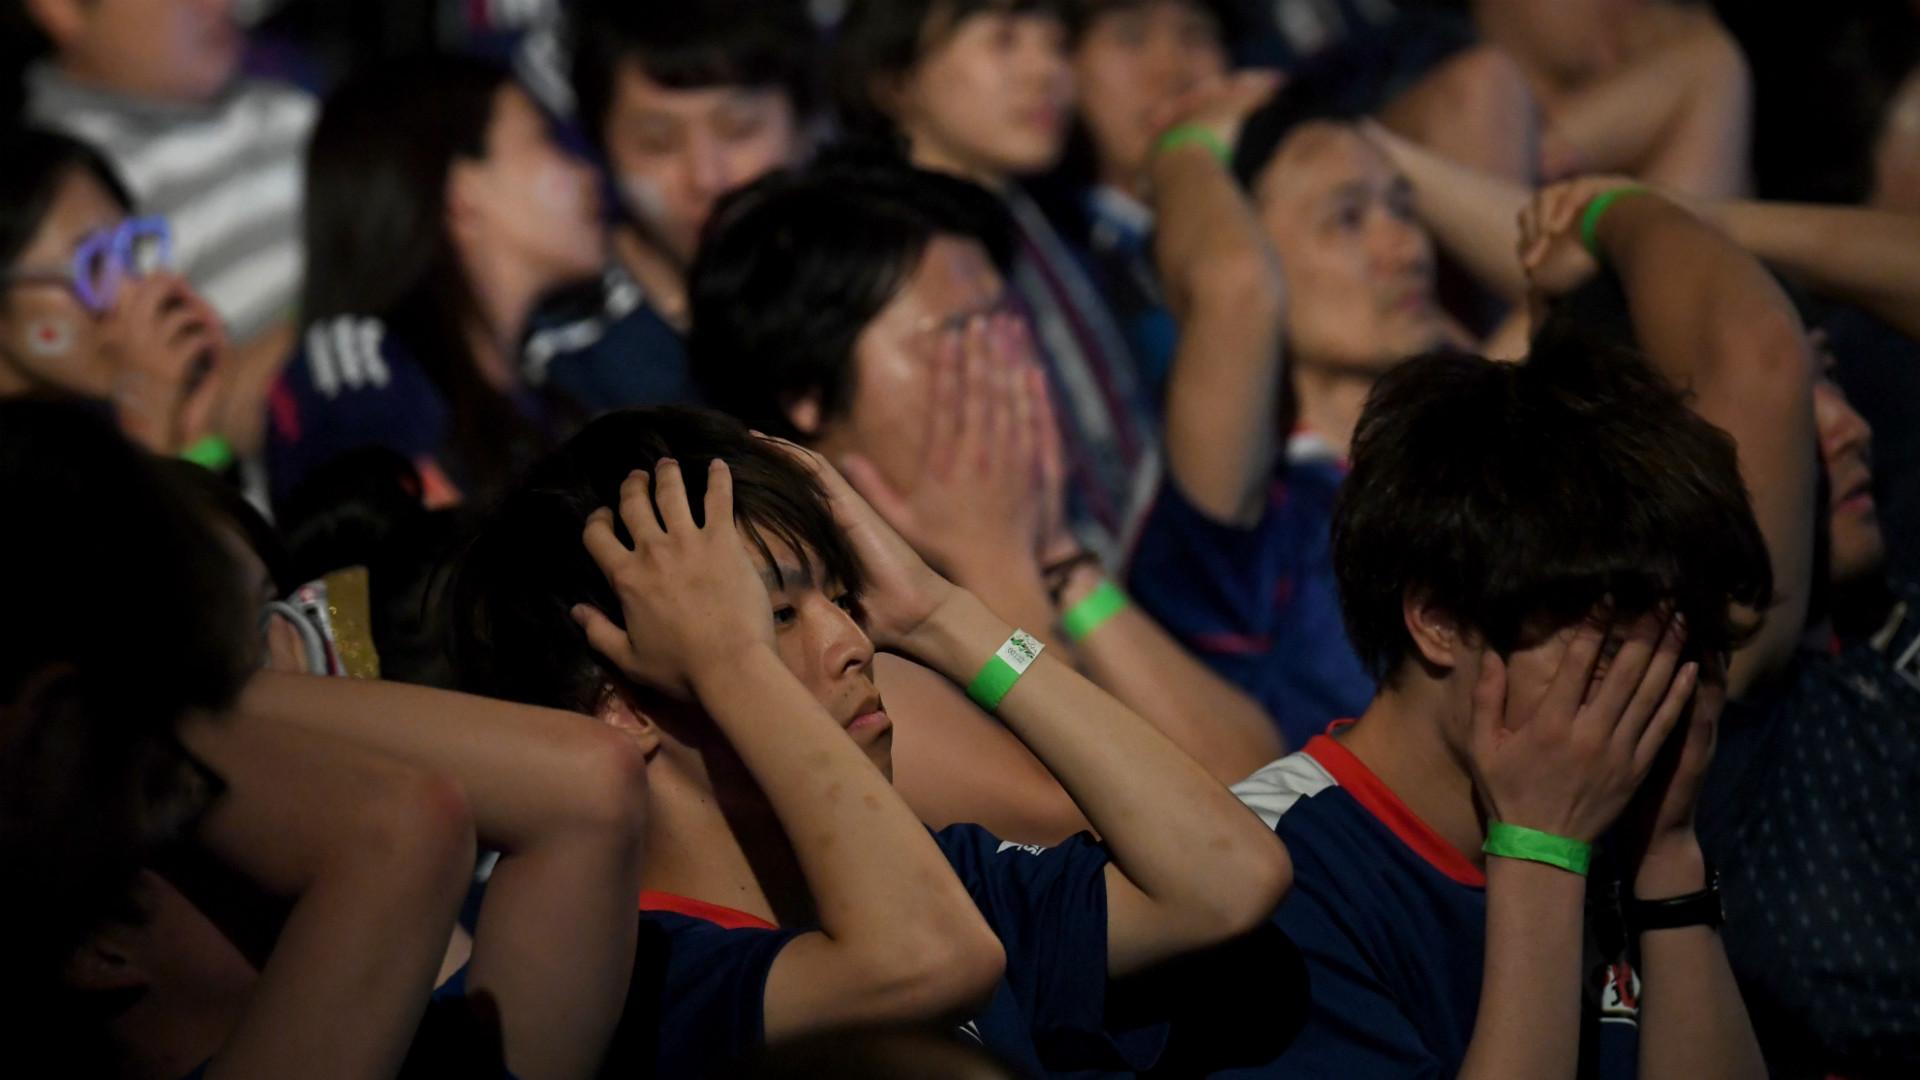 Belgium vs Japan World Cup fans